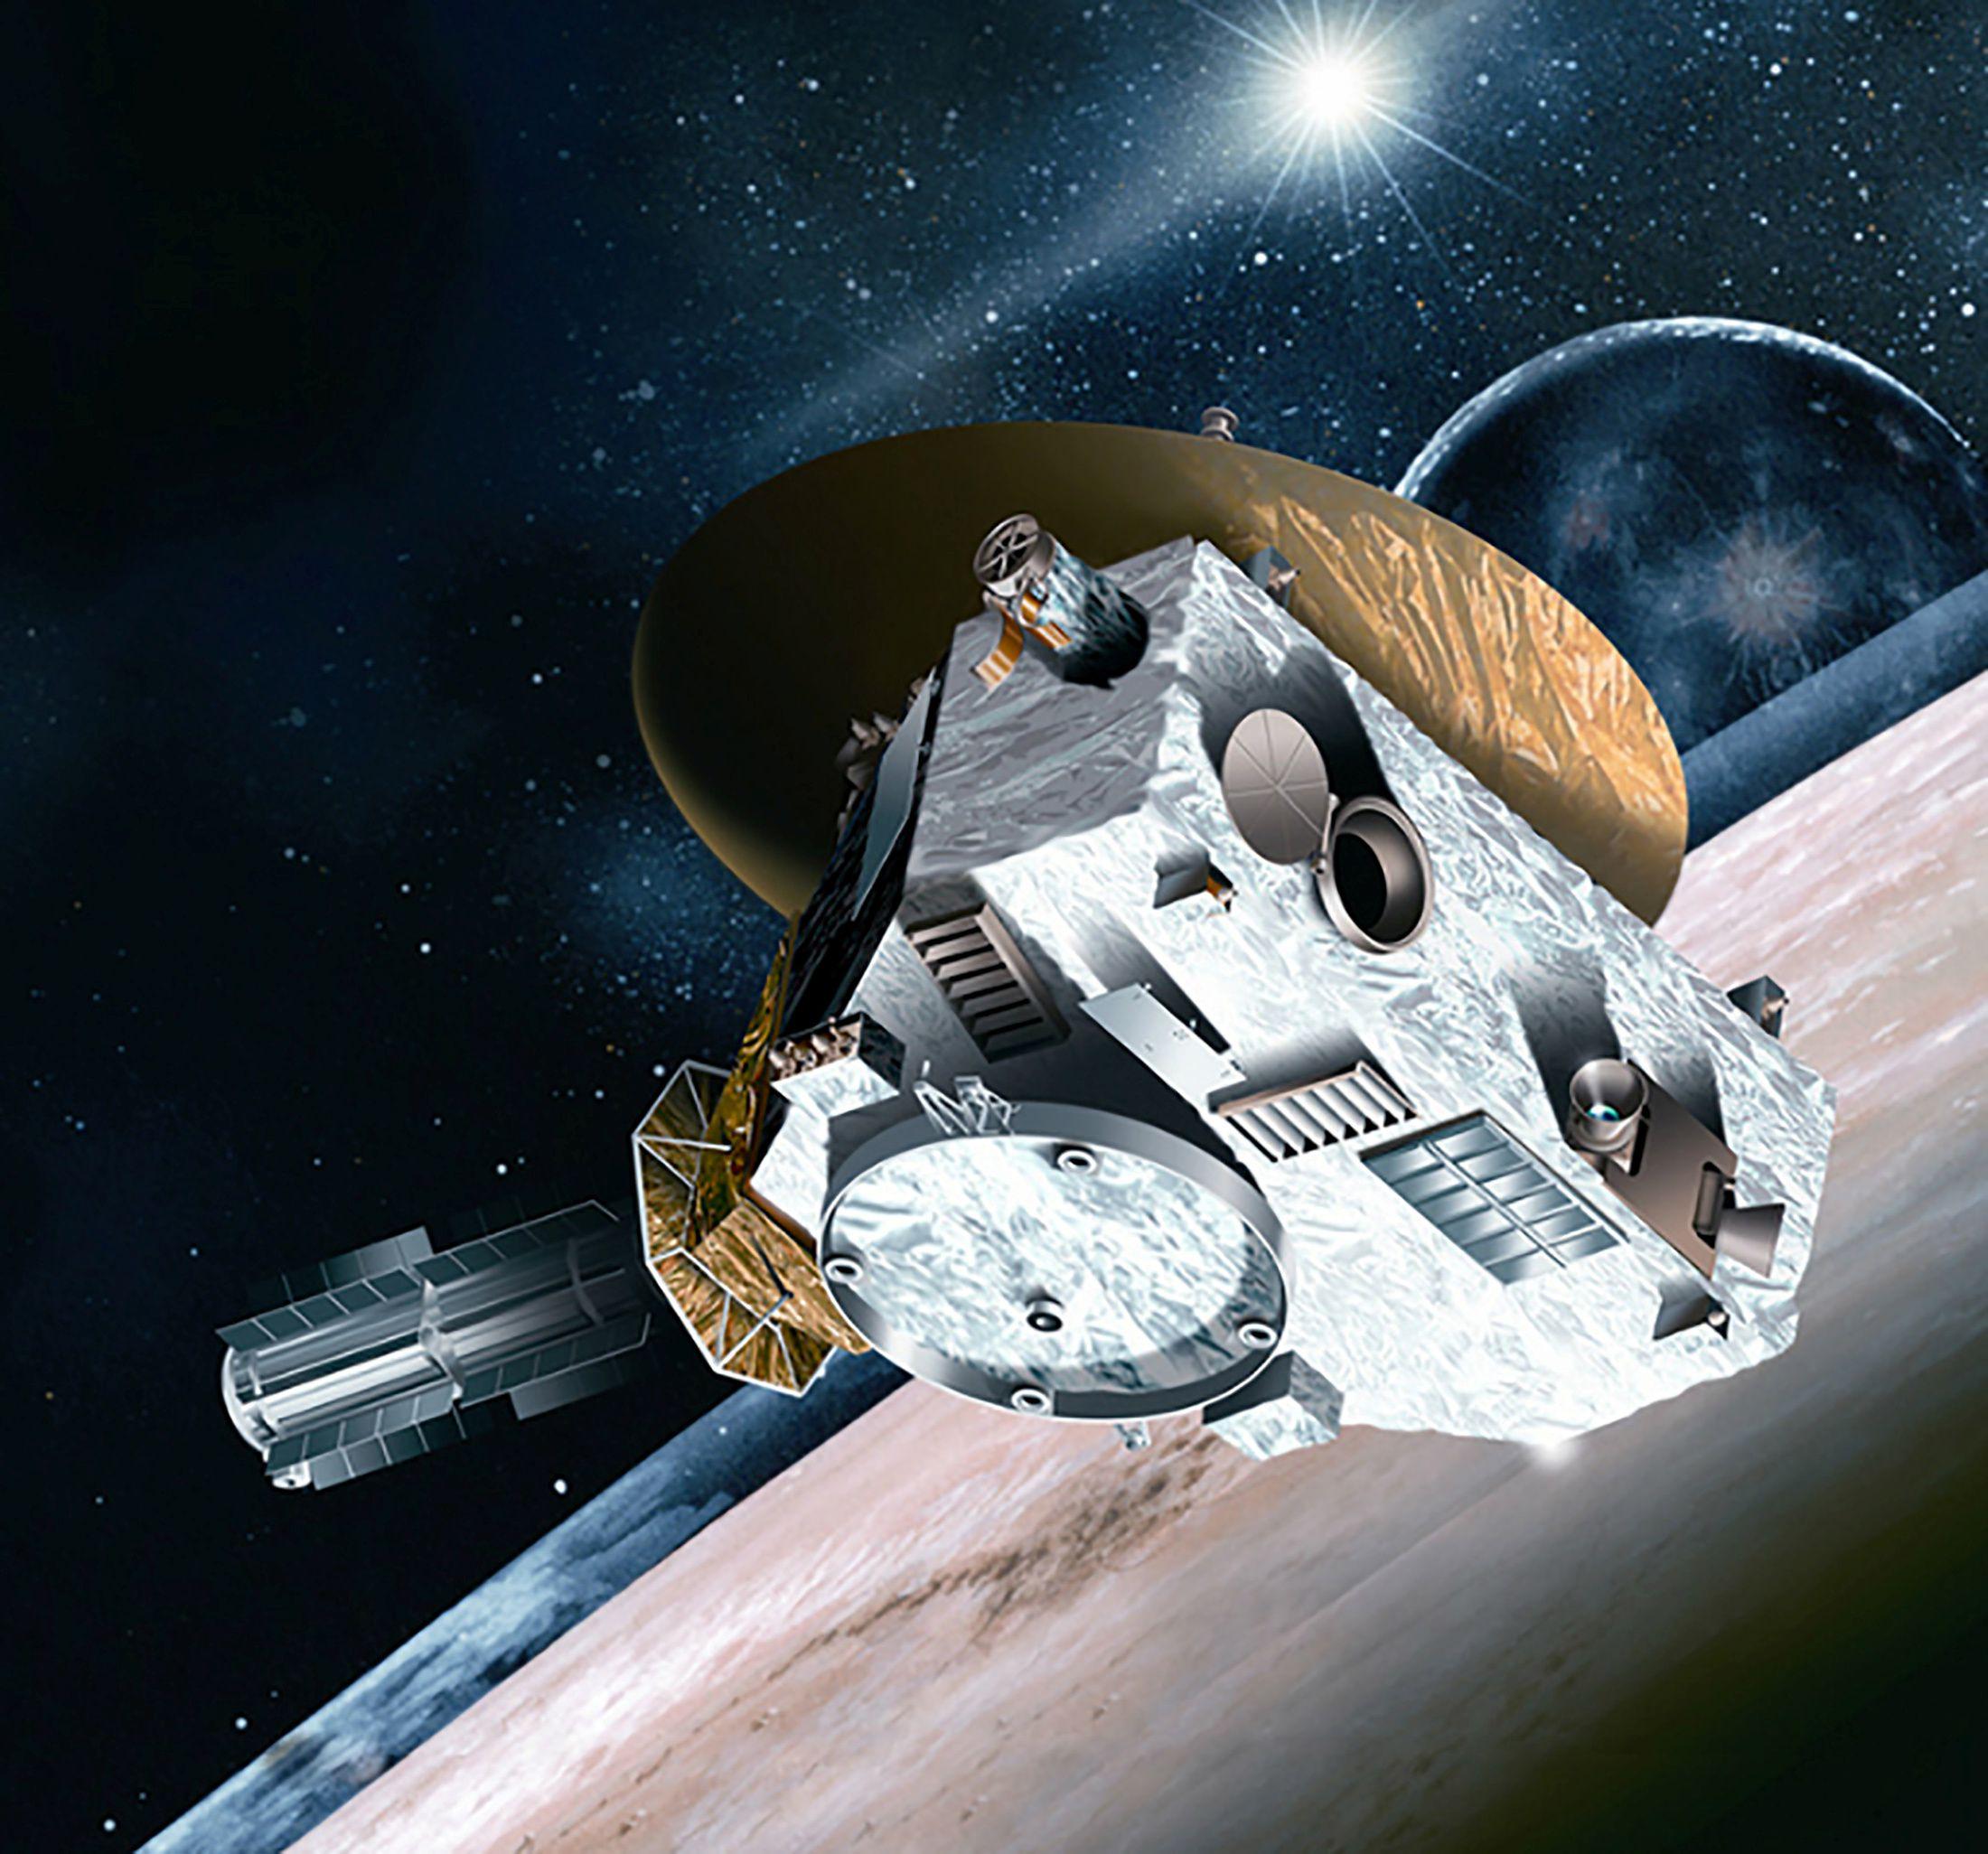 La nave espacial New Horizons de la NASA se ve en la representación de un artista sin fecha (REUTERS/NASA/Handout via Reuters)